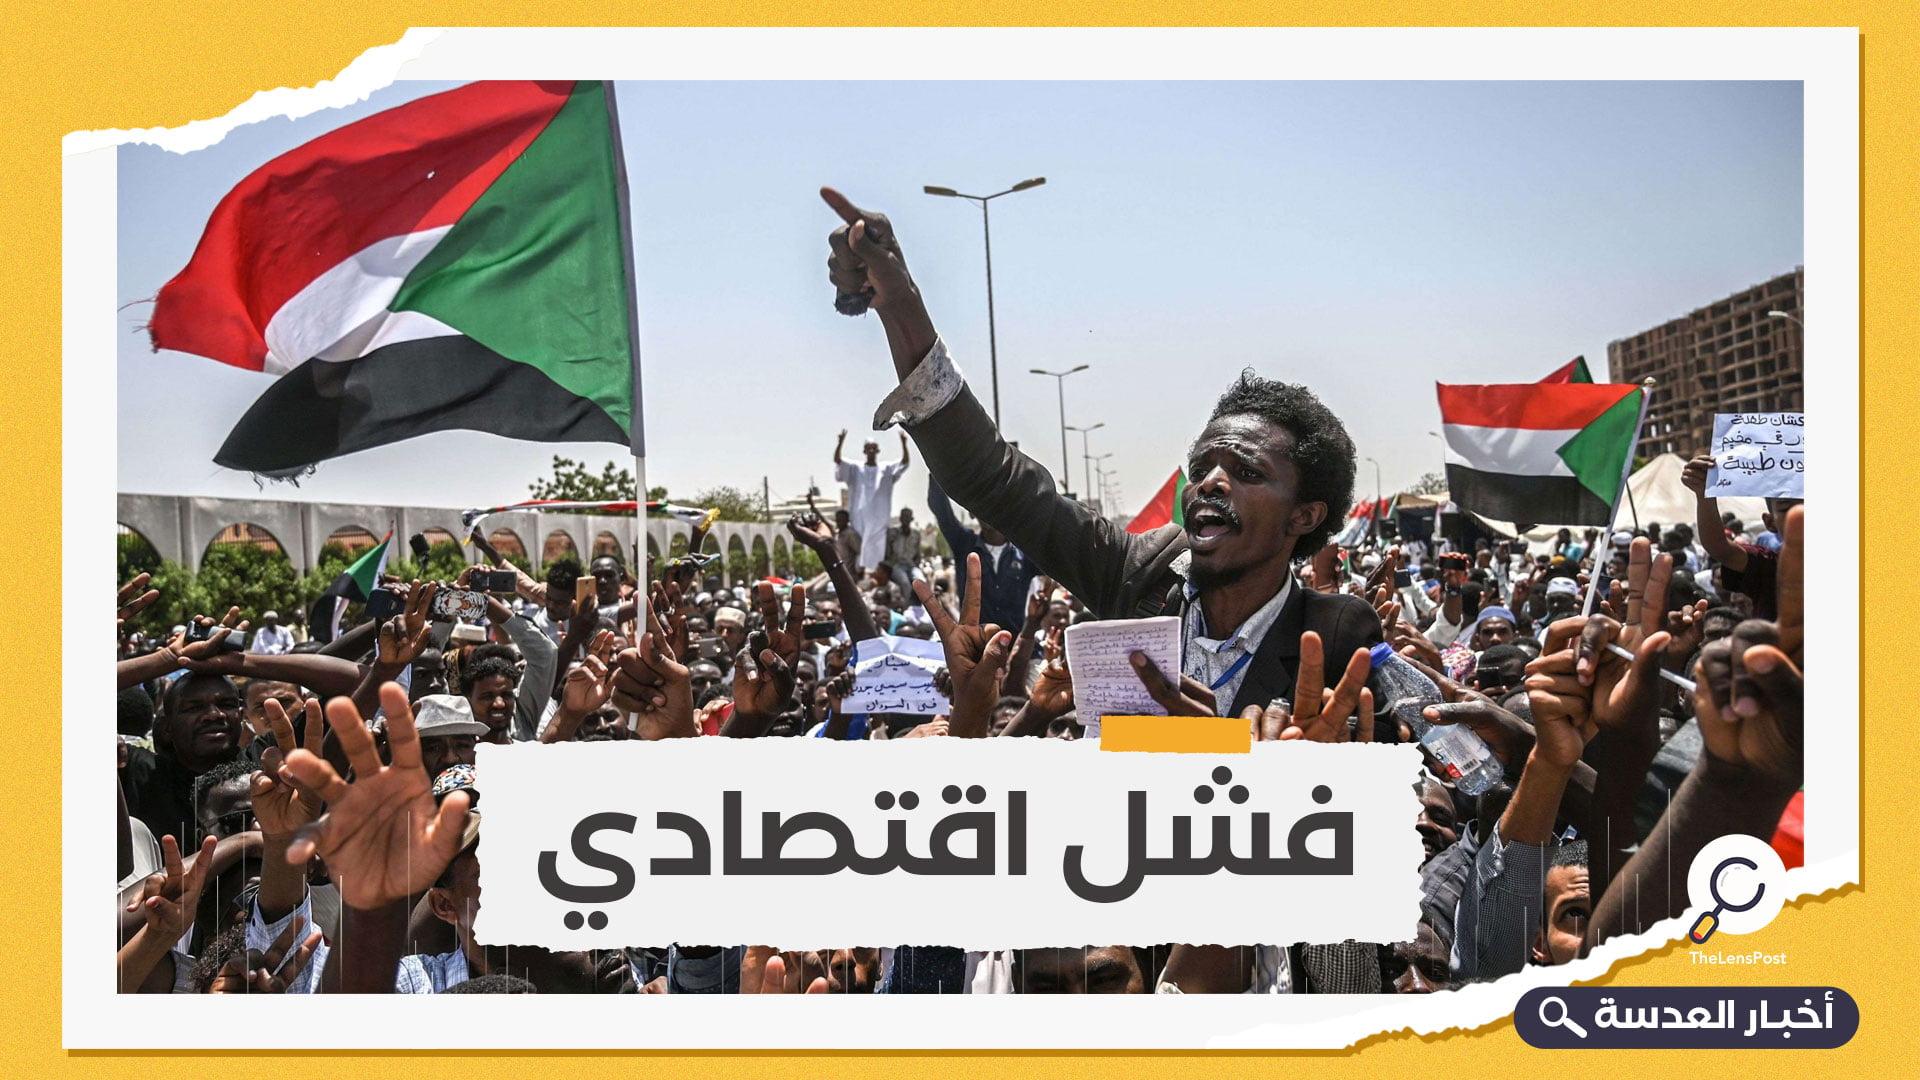 الاحتجاجات تتصاعد في الخرطوم بسبب فشل حكومة حمدوك